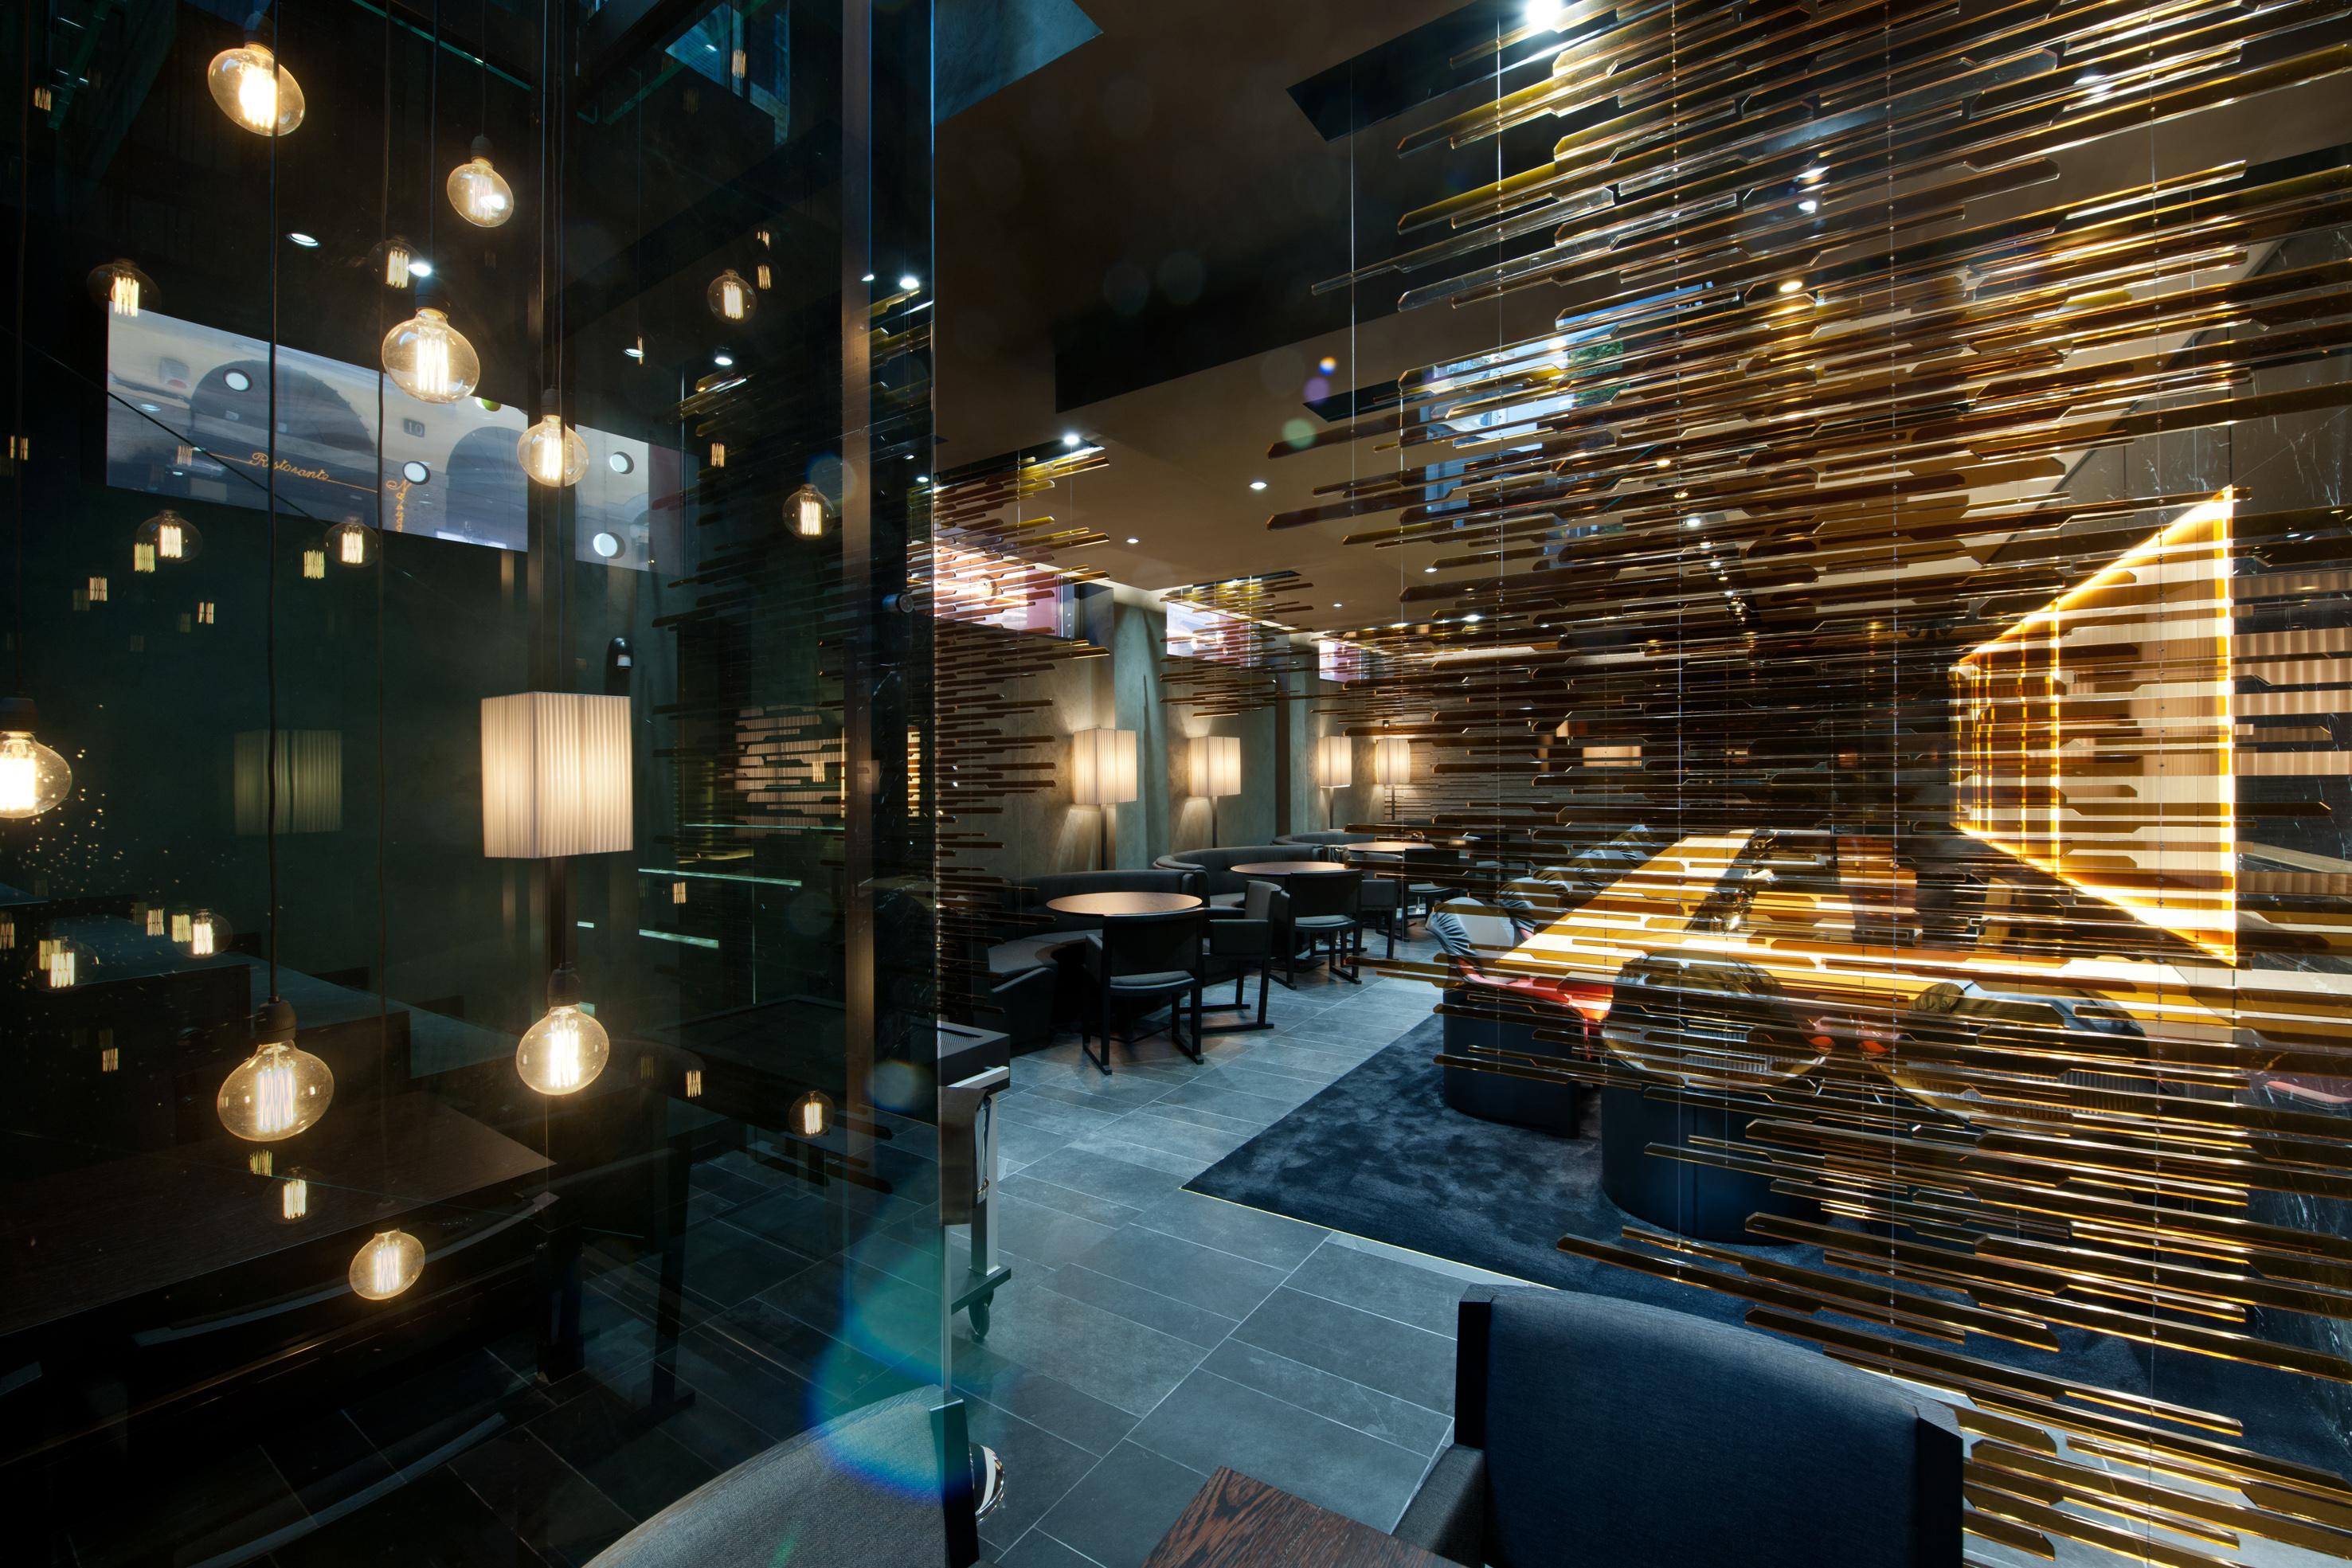 Progetto Illuminazione Ristorante : Come illuminare un ristorante lid design